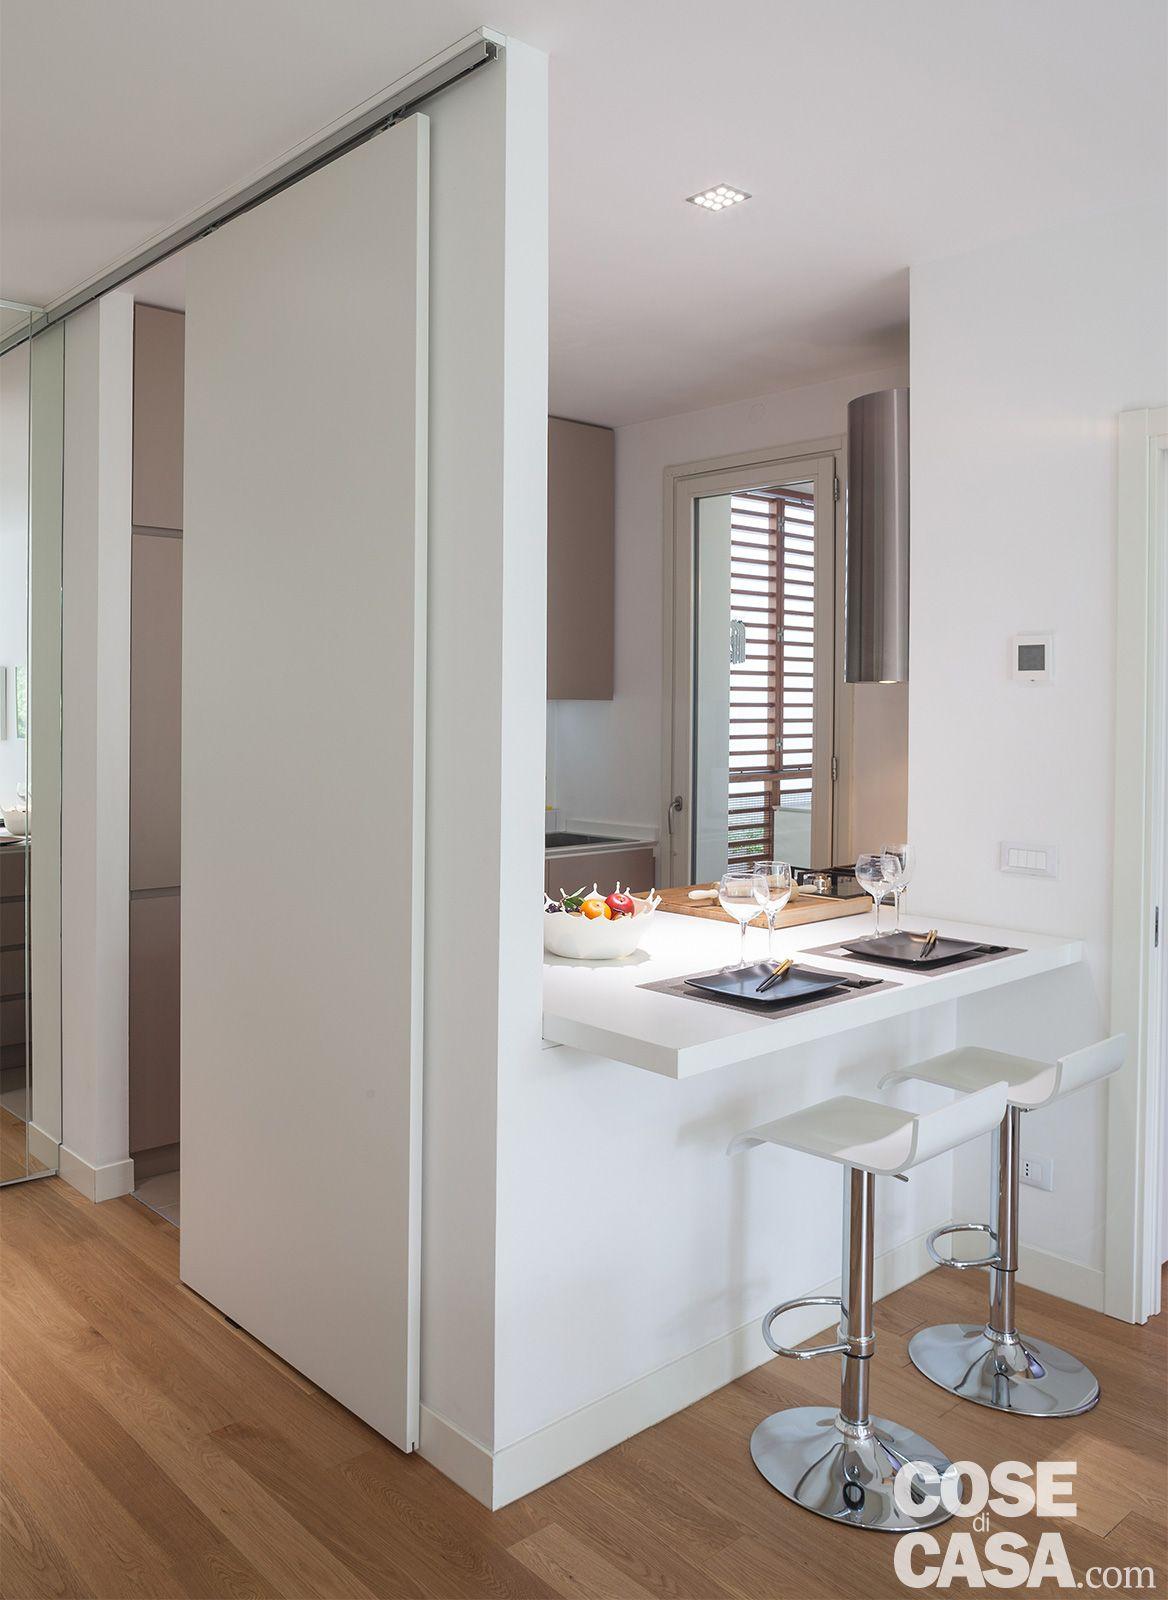 Come arredare un piccolo soggiorno con cucina a vista. 50 Idee Cucine Piccole Moderne Con Isola Ad U Open Space Arredare Cucina Piccola Start Preventivi